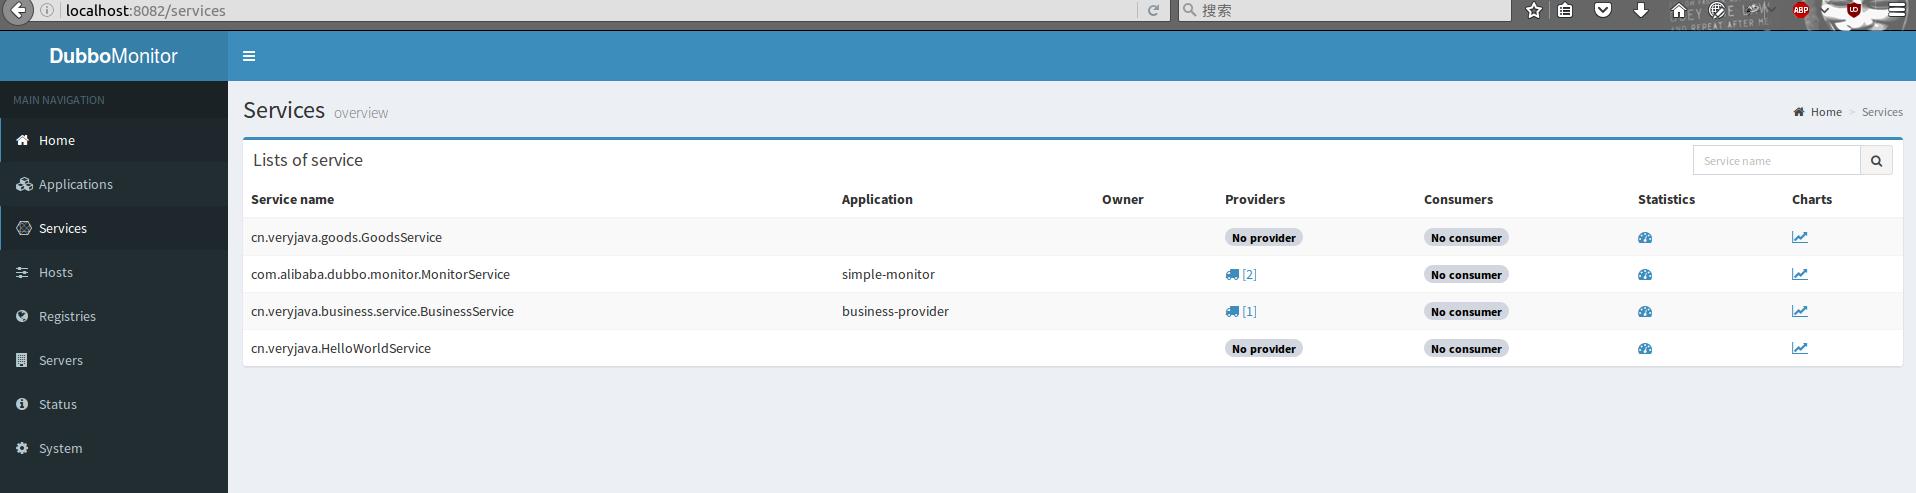 dubbo-monitor-services